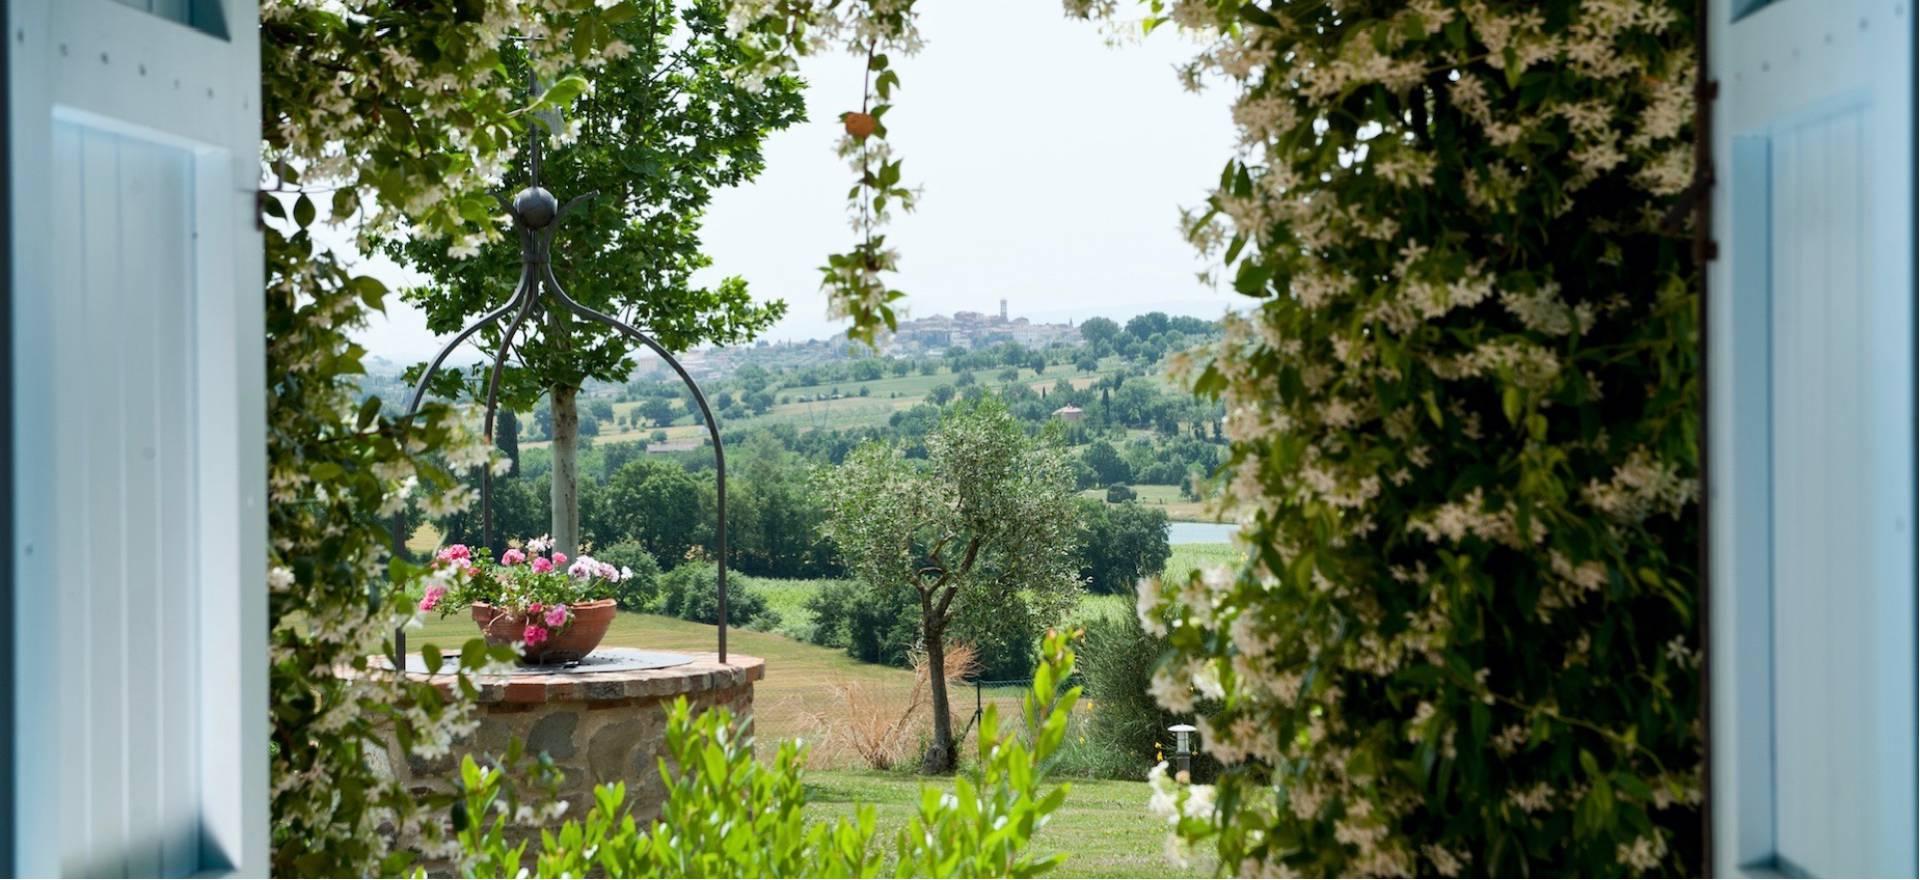 Agriturismo Toscane Agriturismo Toscane, bijzonder sfeervol en gastvrij